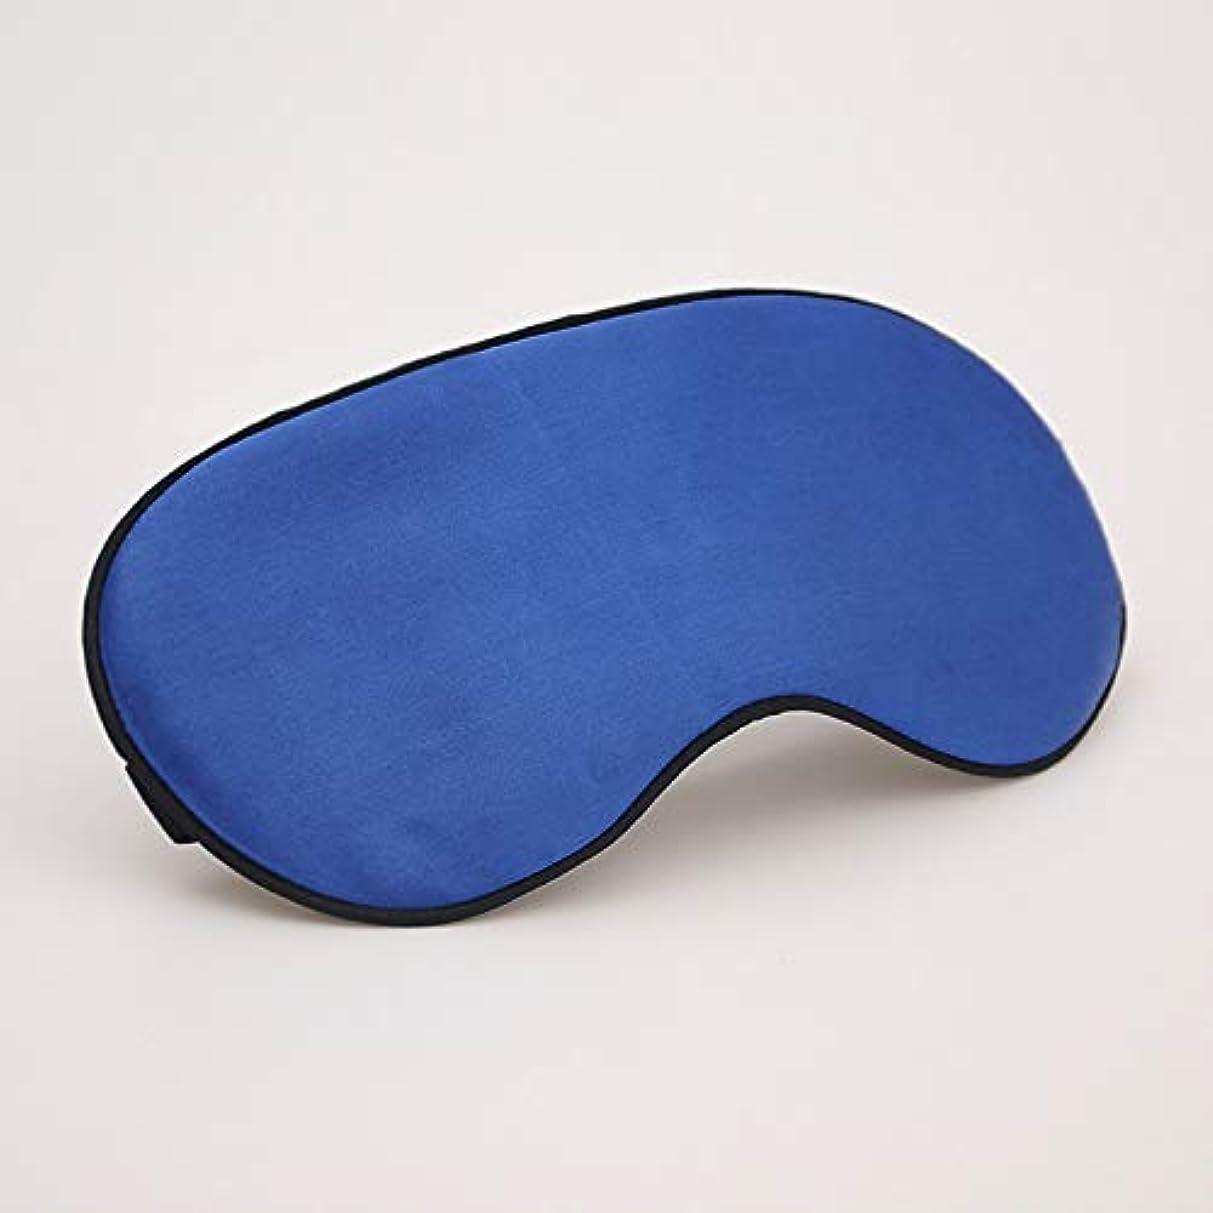 同種の郵便透けるNOTE 3d睡眠アイマスク模造本物のシルク旅行夜黒包帯目隠しアイシェードコーブ軽減疲労健康仮面デバイス